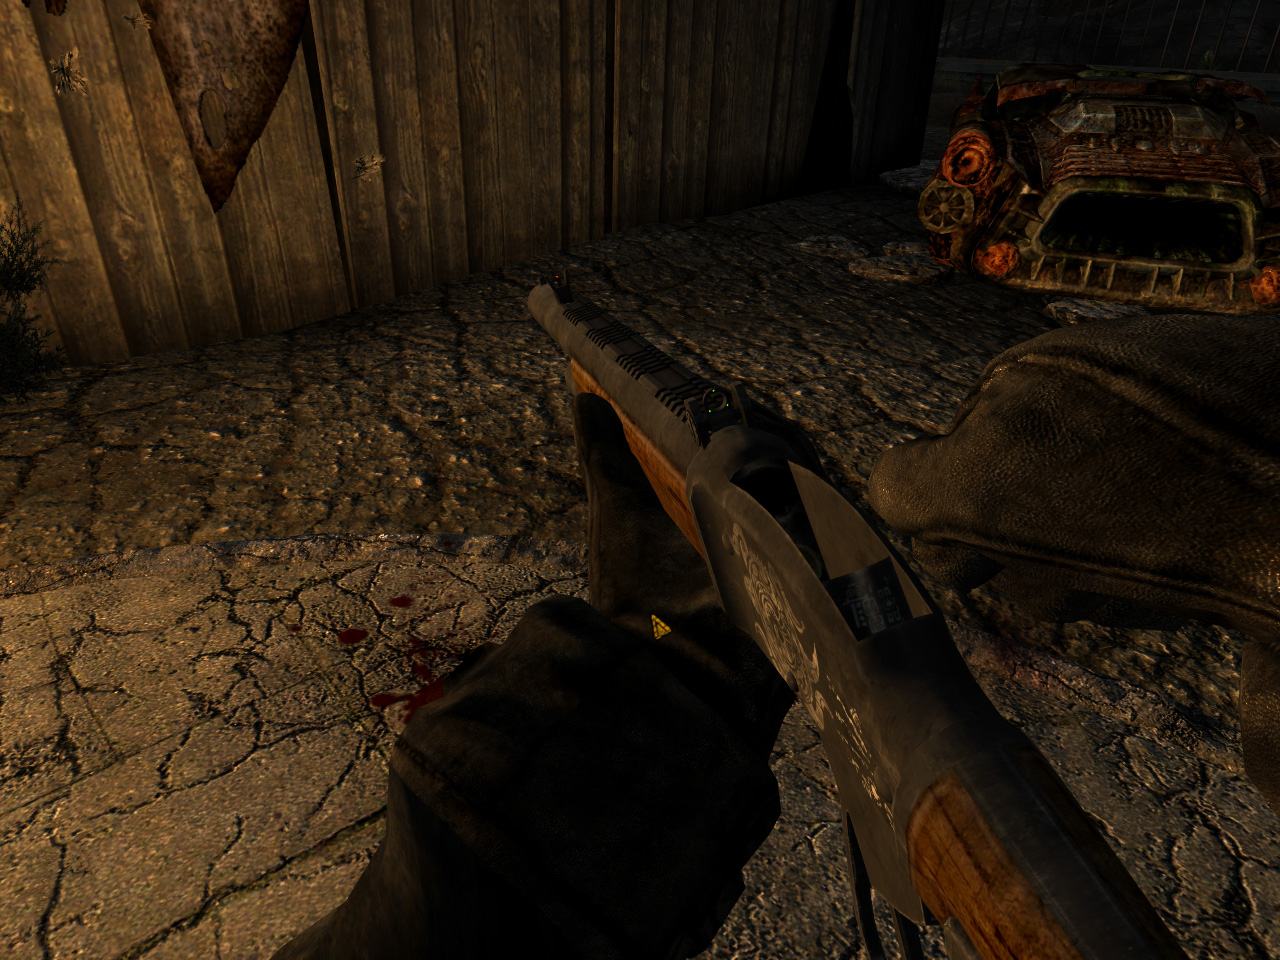 """Уникальный дробовик """"Шибальба"""" для Fallout New Vegas для Fallout: New Vegas - Скриншот 1"""